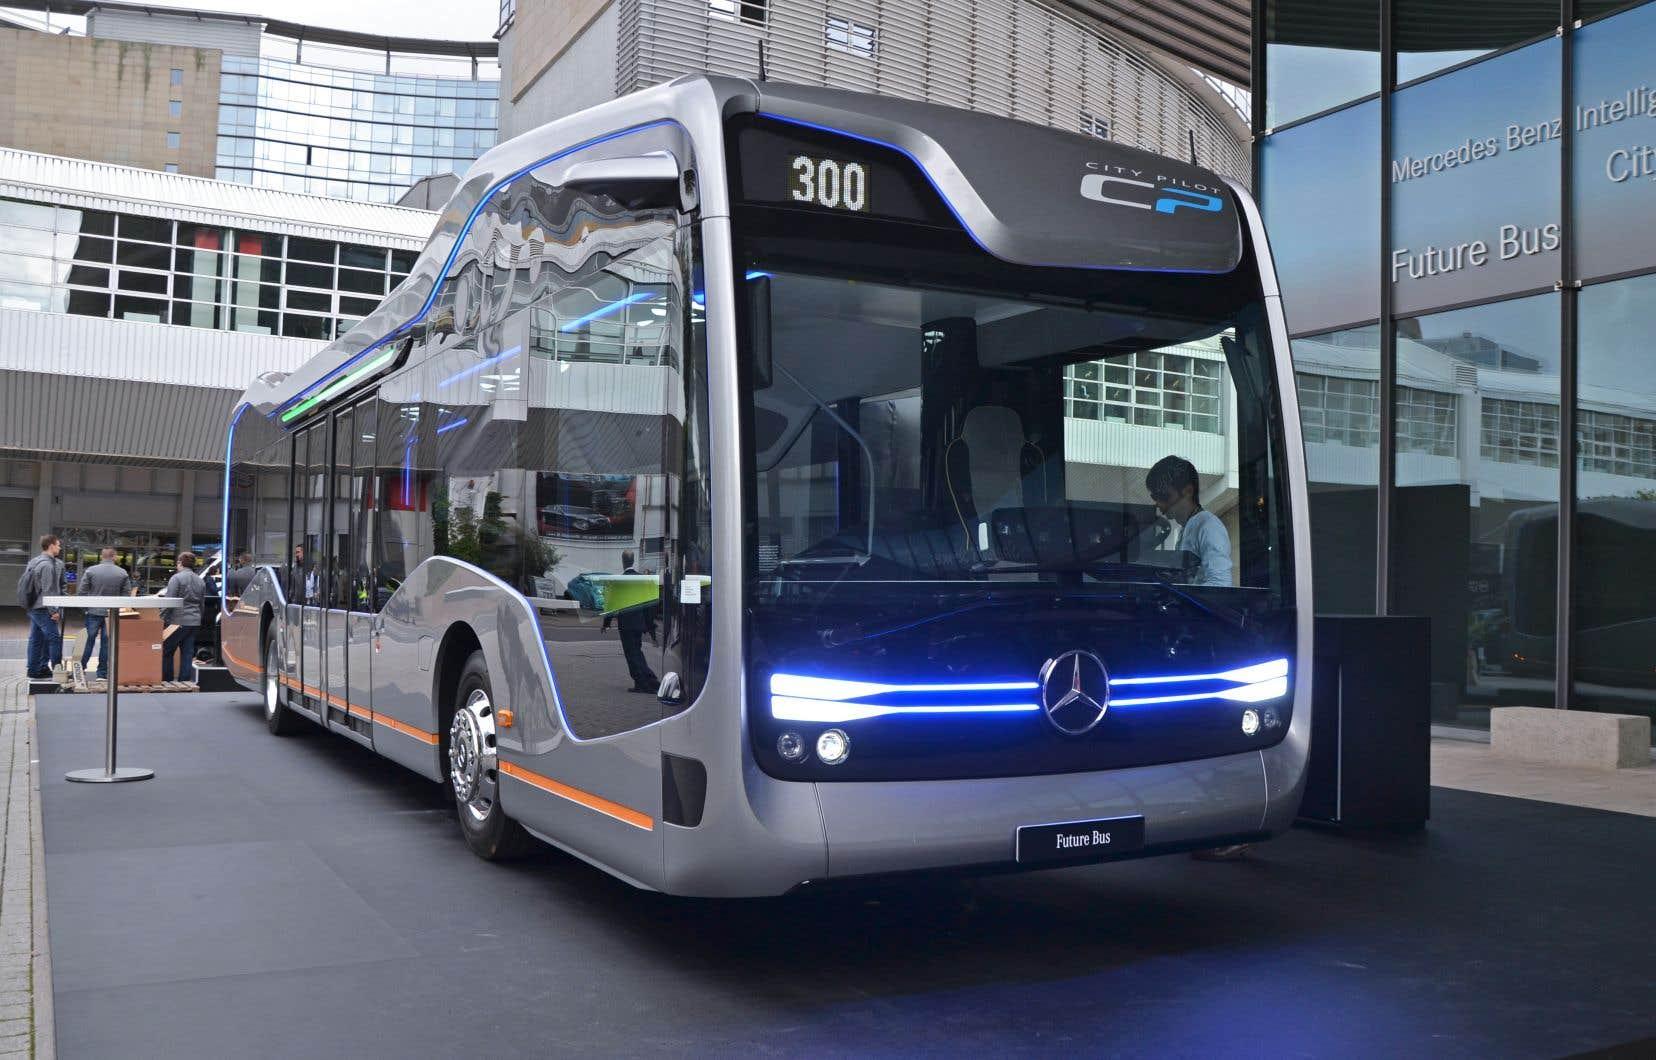 Avec les avancées de l'automatisation, le domaine du transport est en train de se transformer, croit l'auteur. Sur la photo, le fabricant Mercedes-Benz a présenté en 2017 un autobus pouvant se déplacer sans chauffeur.